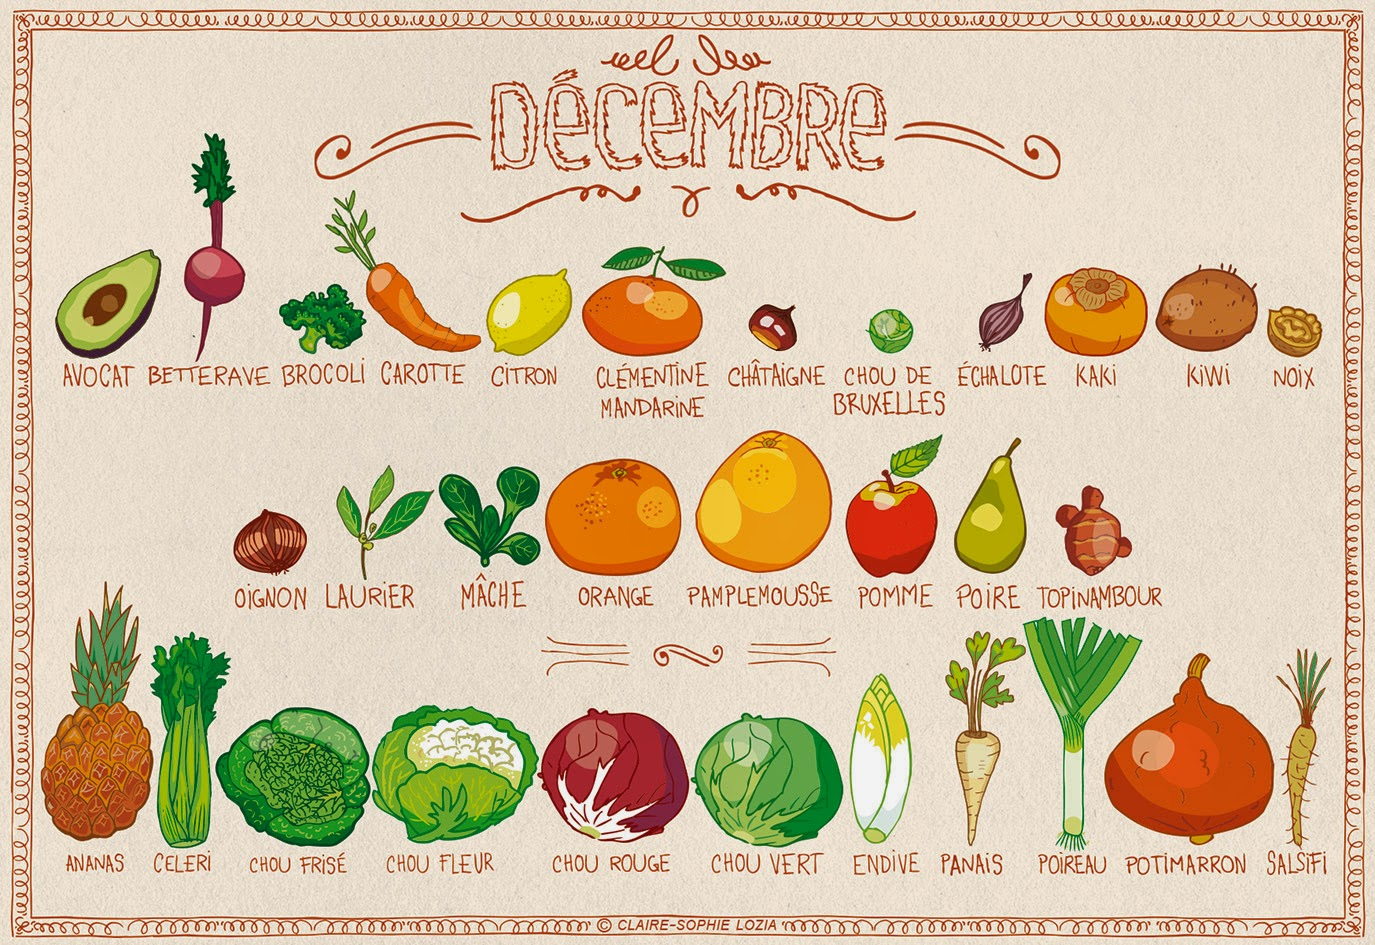 ab1f0c66ca4 Tous les fruits et légumes du mois de Décembre